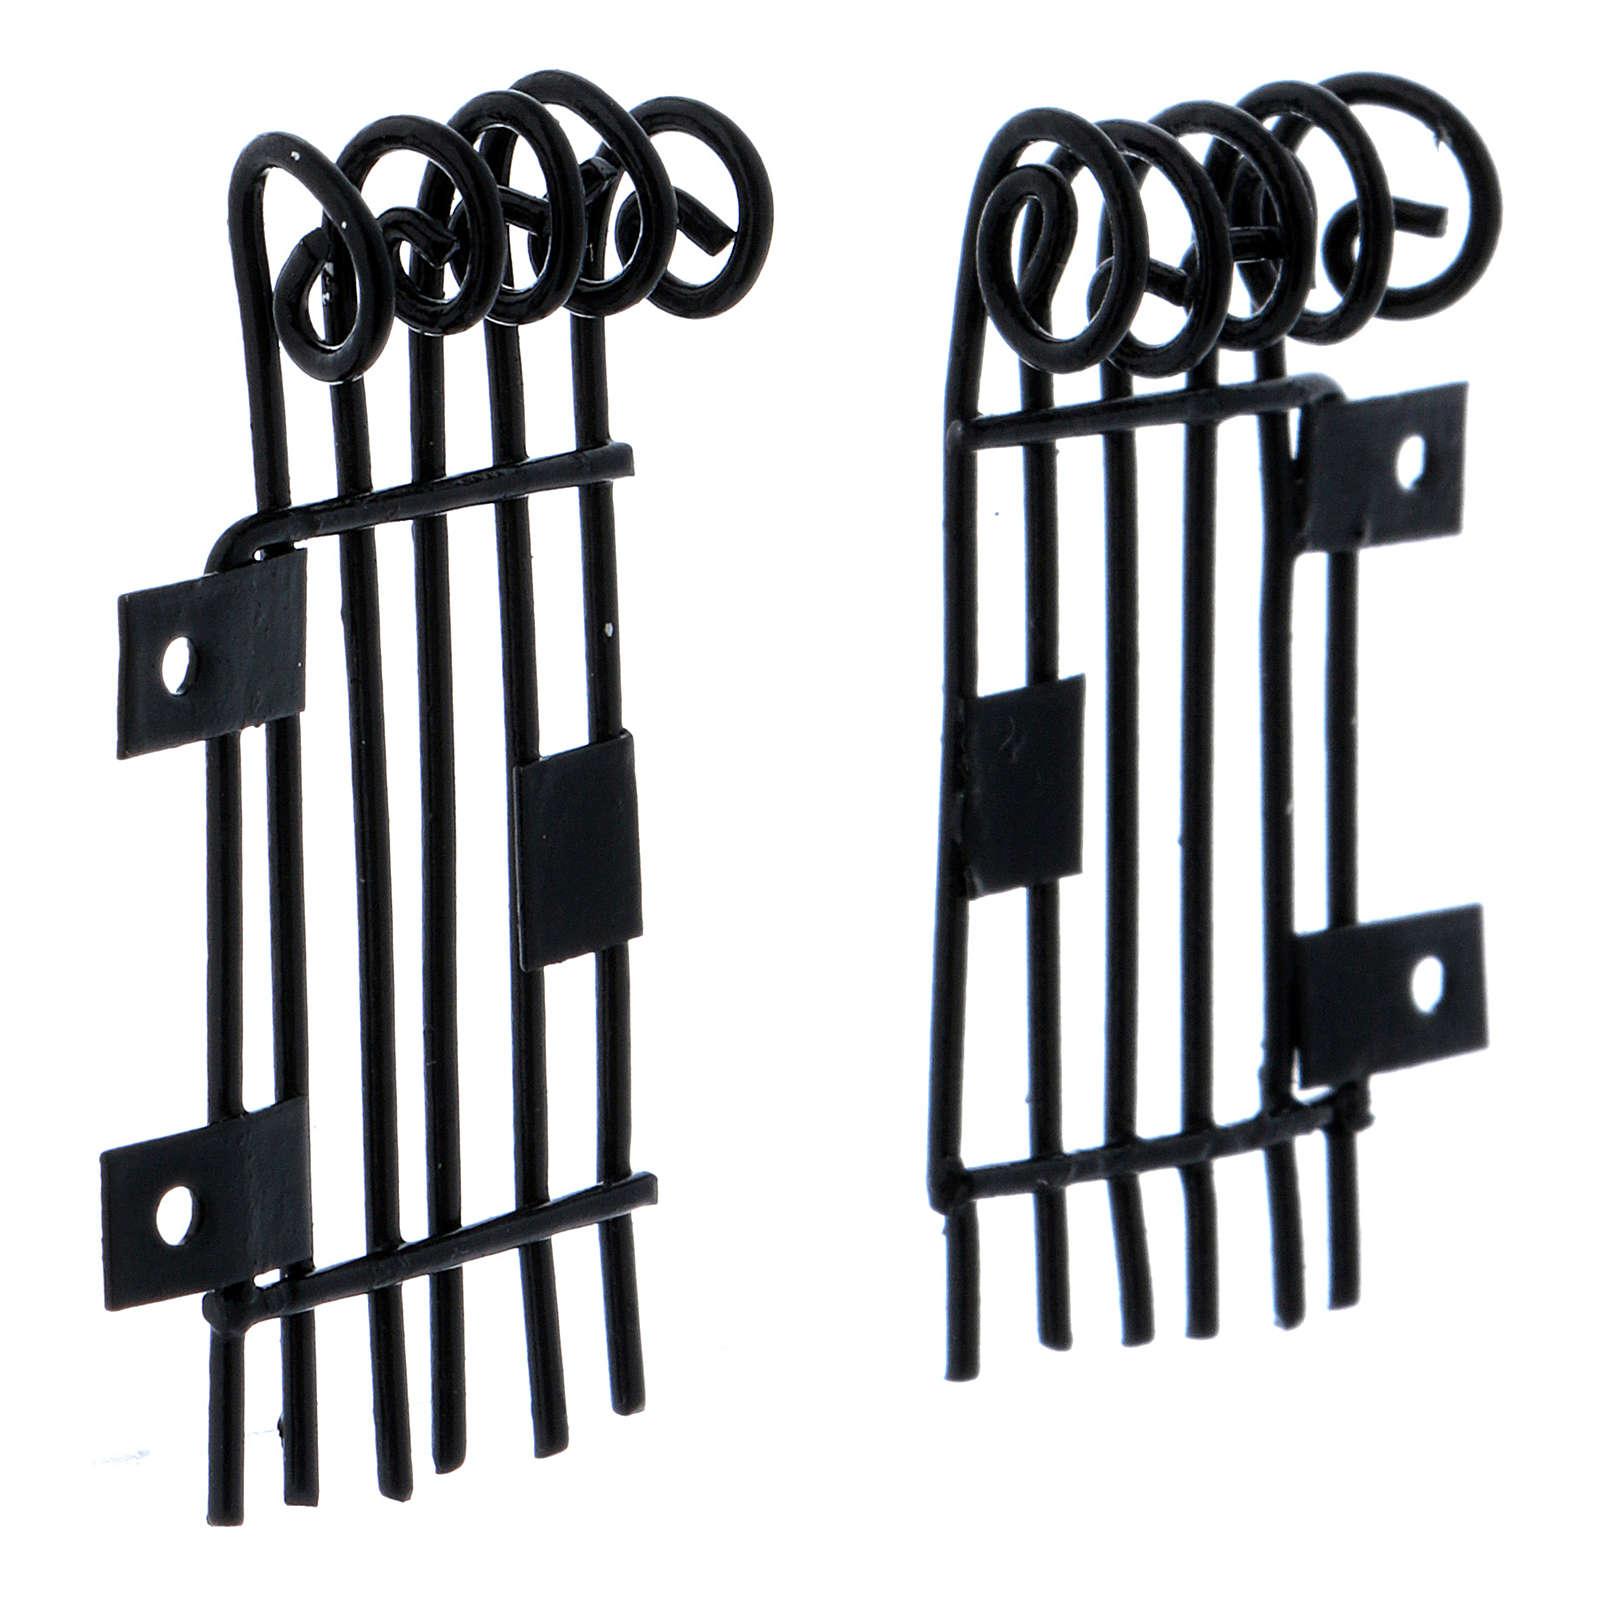 Grilles ouvrantes rectangulaires h 3,7 cm longueur 2 cm 4